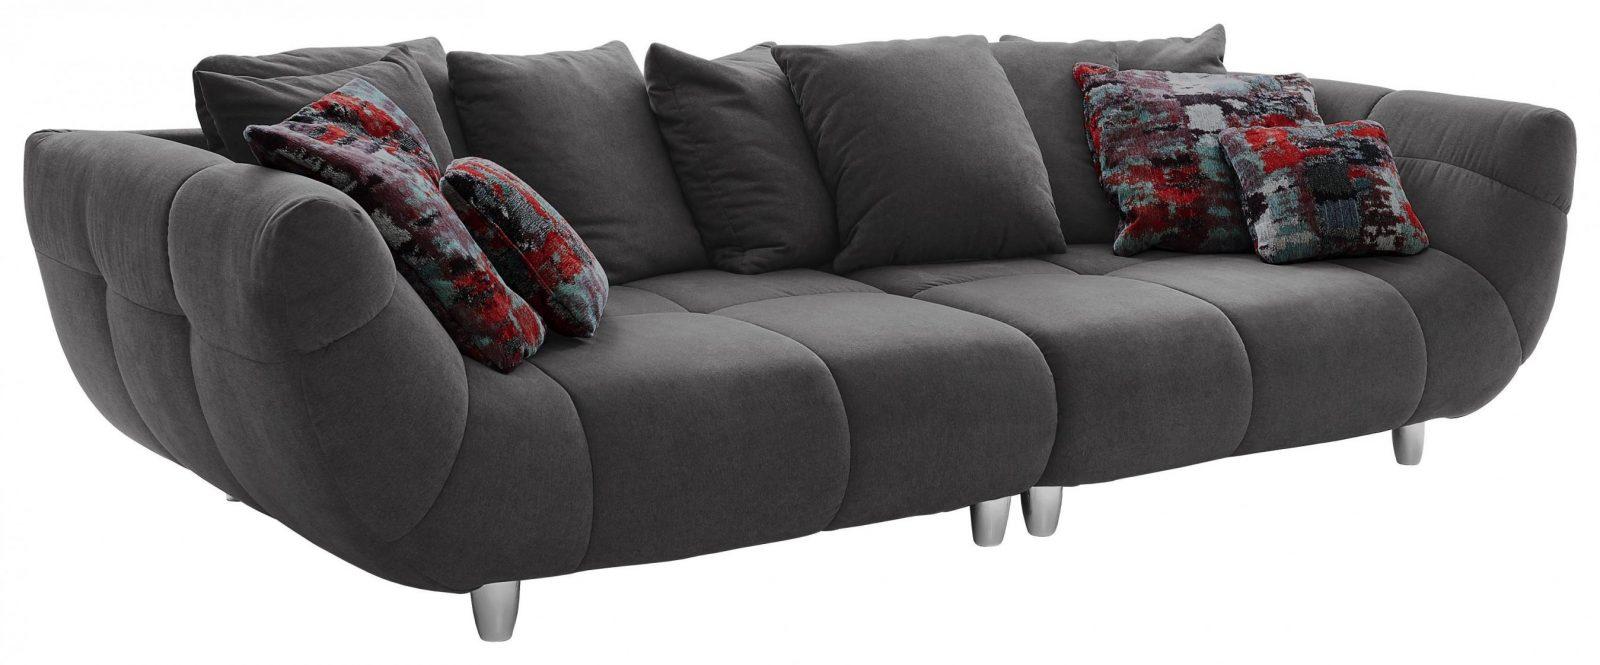 Big Sofas  Supergemütliche Xxlsofas Kaufen Xxxlutz von Big Sofa Billig Kaufen Bild